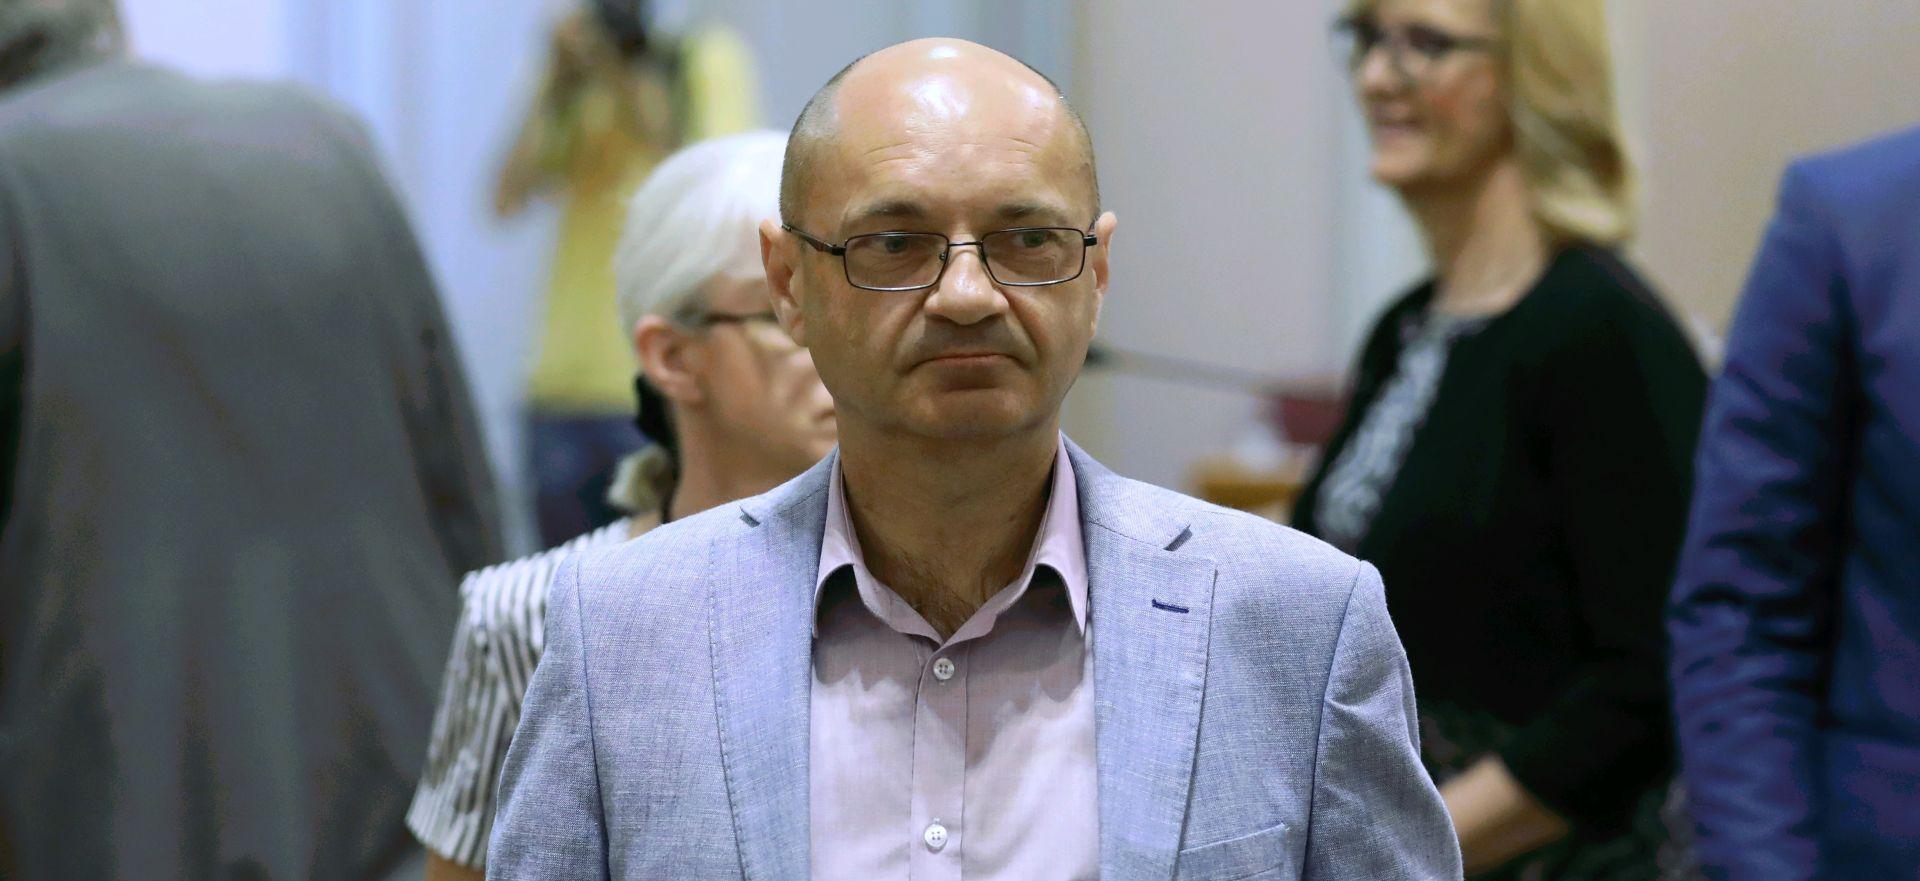 Aleksić upozorio na presudu Višeg suda u Mariboru o valutnoj klauzuli CHF